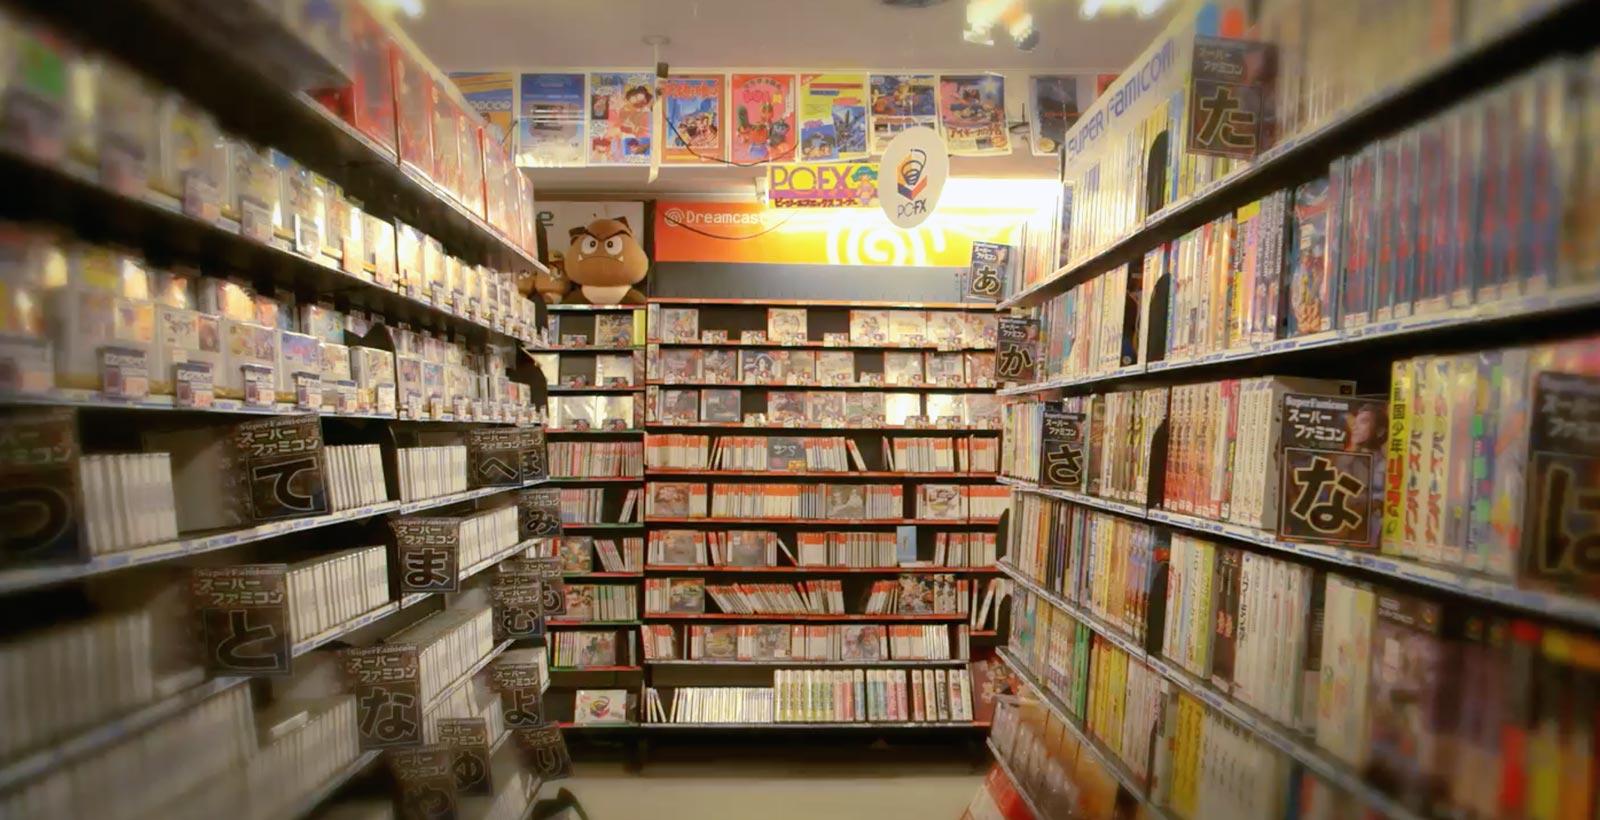 Les belles années des jeux vidéo japonais : les rayons du magasin Super Potato, situé dans le quartier d'Akihabara à Tokyo (Image : Digging in the Carts).